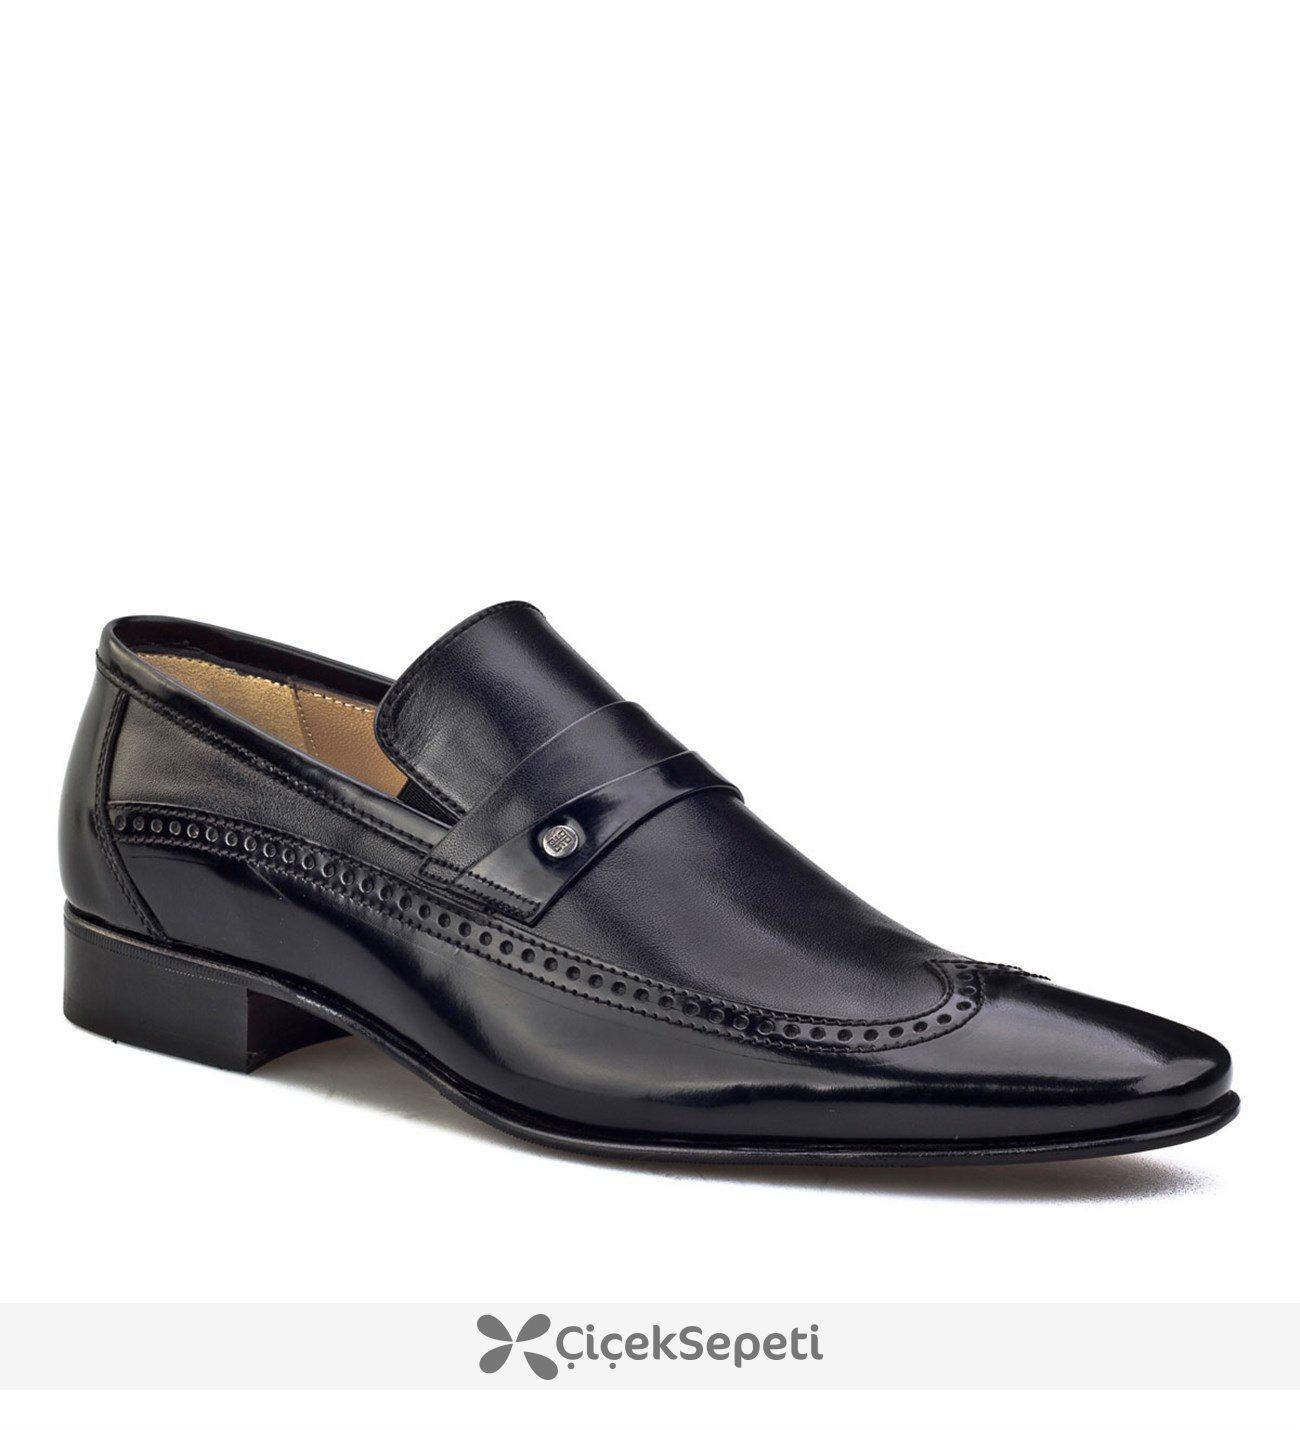 Cabani Kemerli Kösele Enjeksiyonlu Klasik Erkek Ayakkabı Siyah Acma Deri